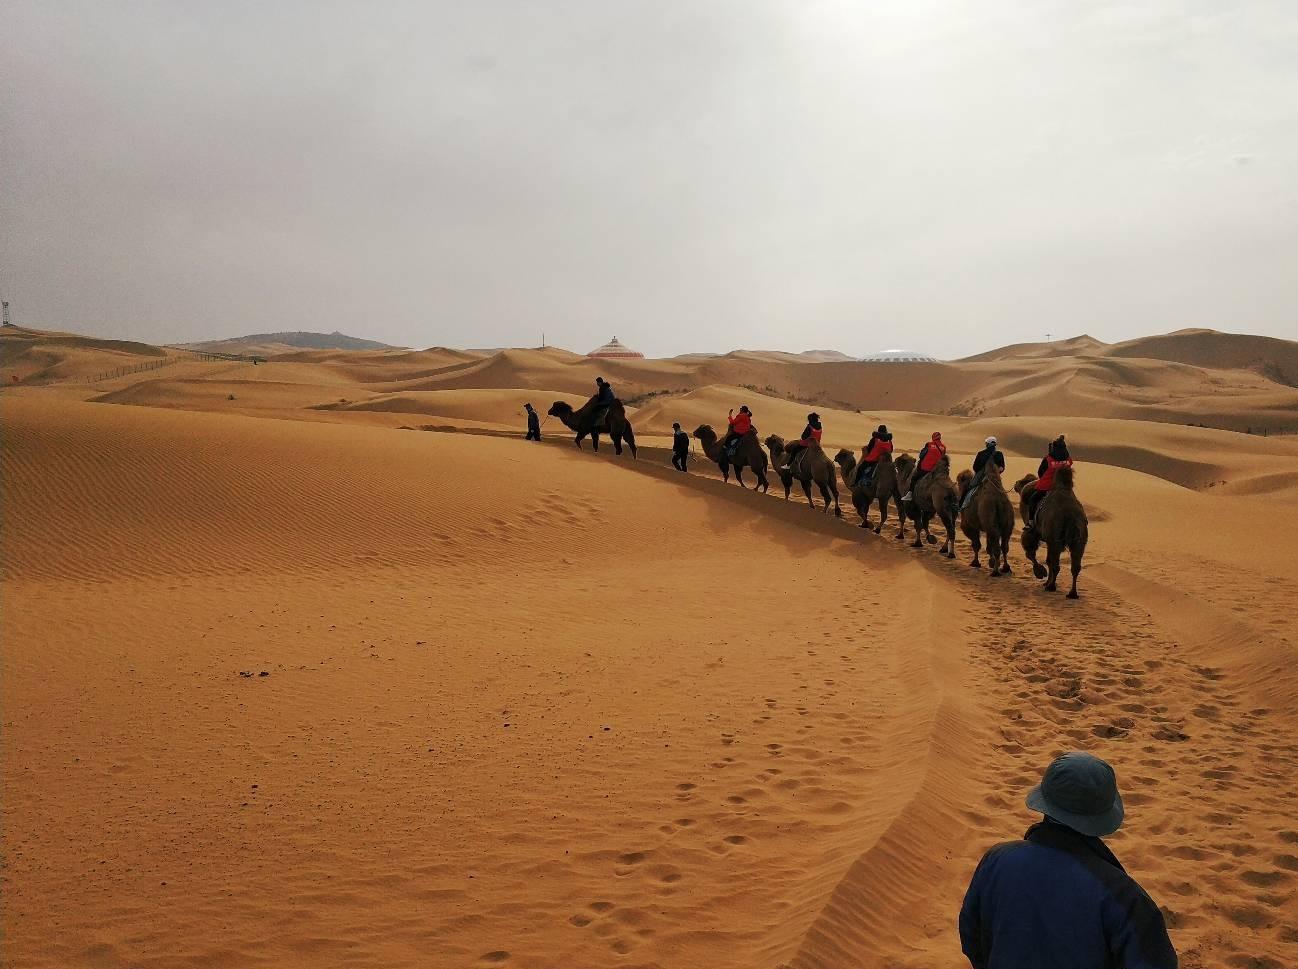 带着宝宝游草原看沙漠,量身打造深度3日游